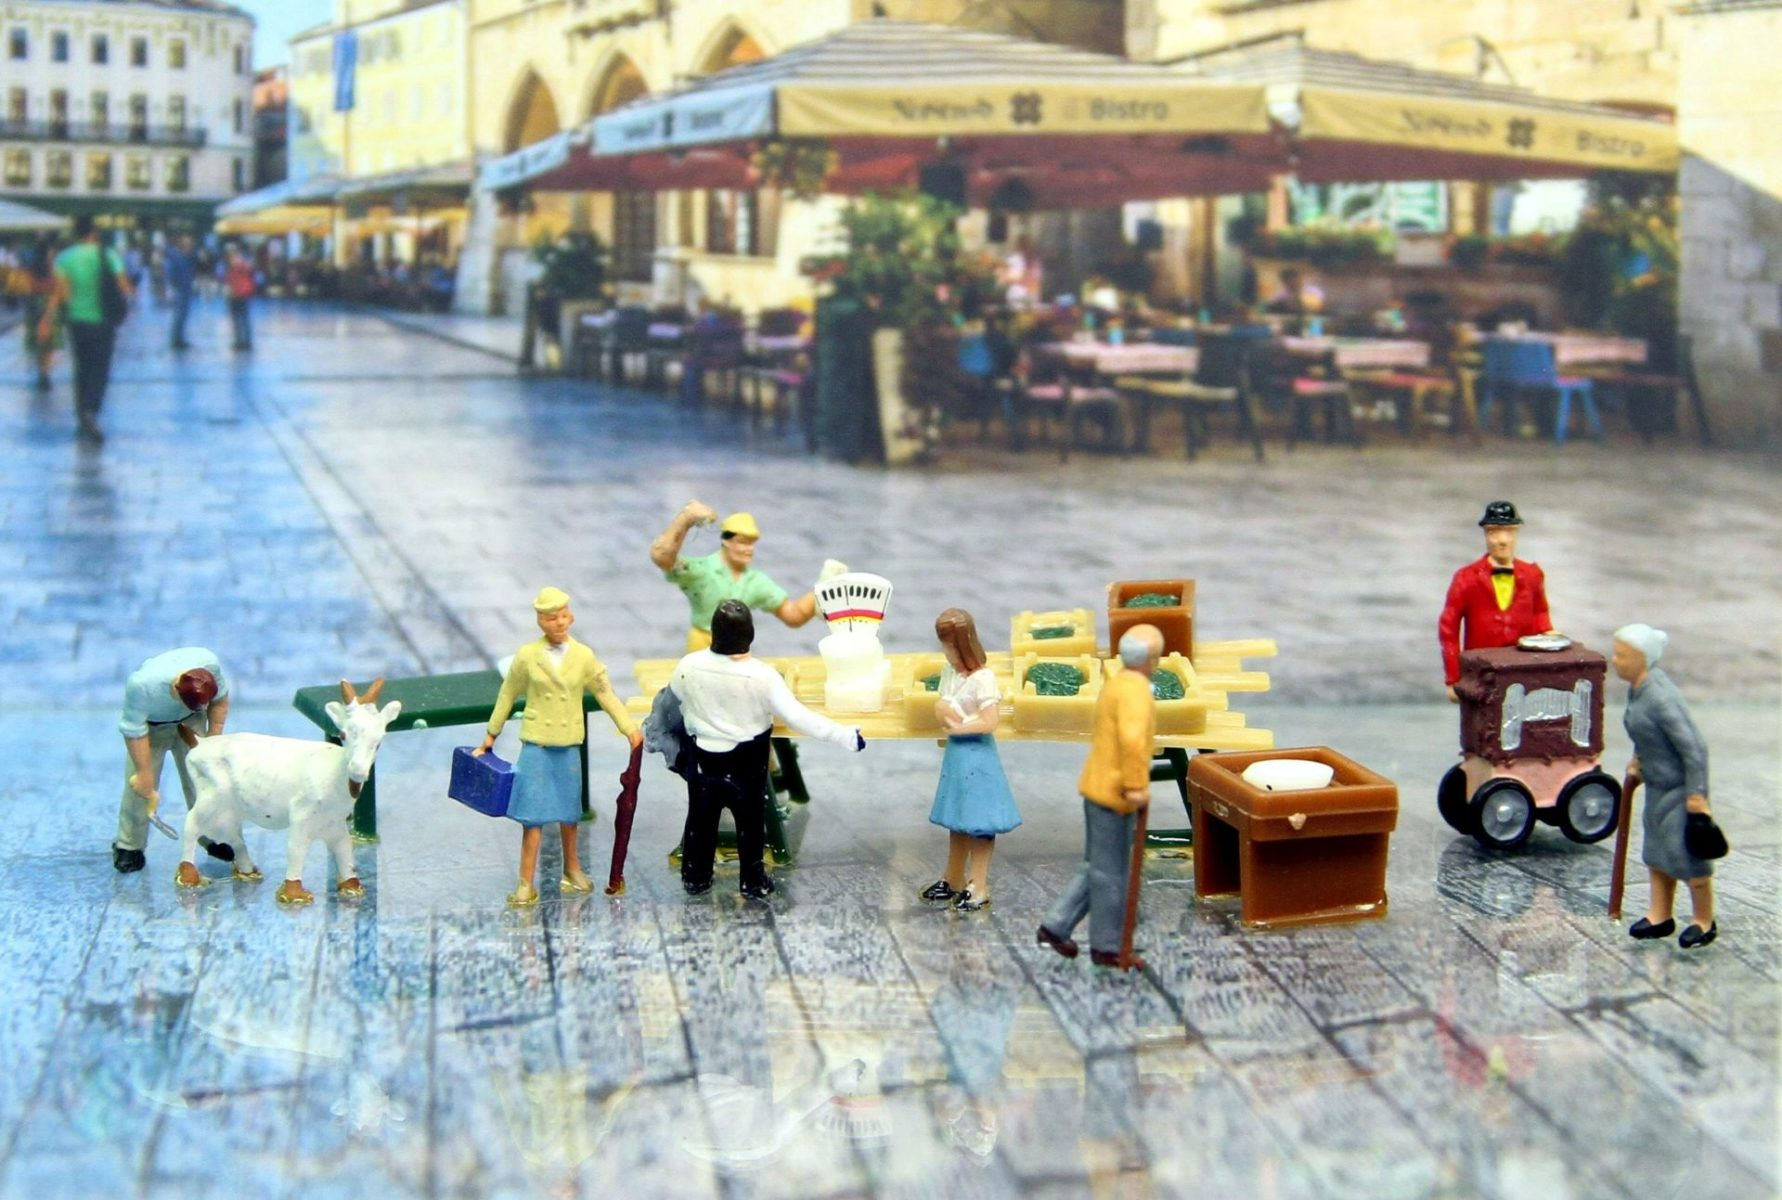 market-day-4026488